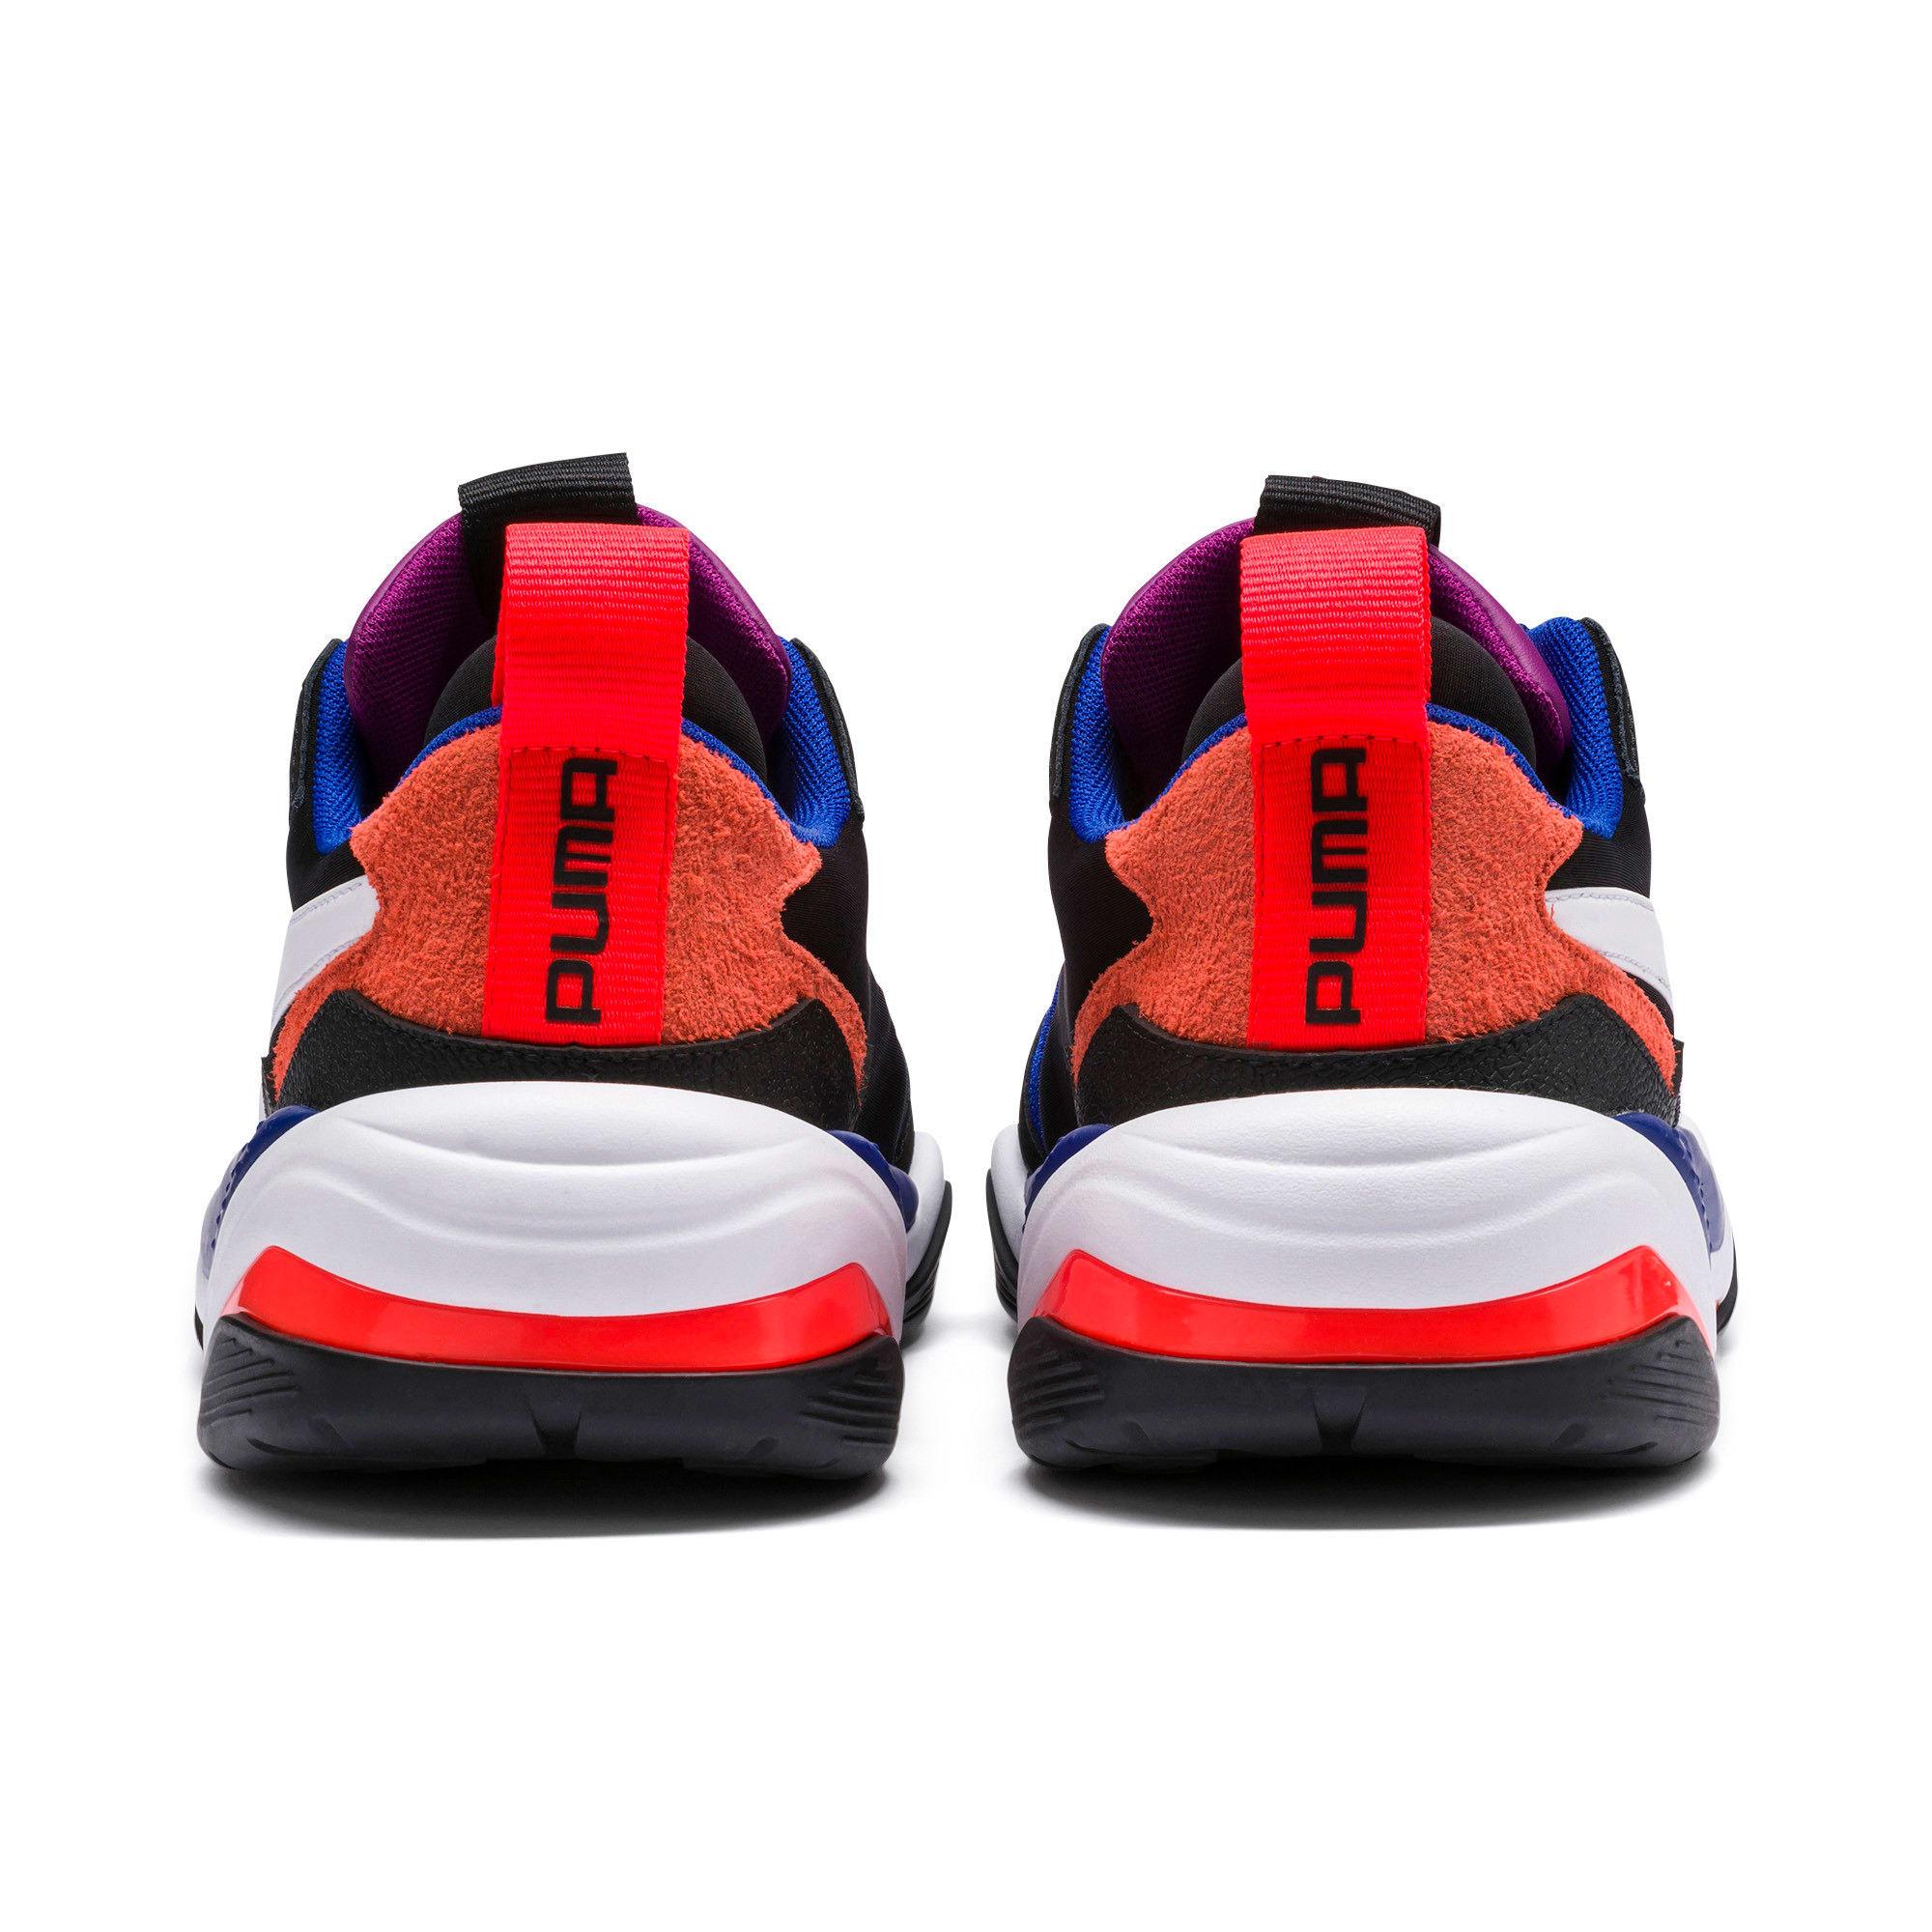 Miniatura 4 de Zapatos deportivos Thunder 4 Life, Surf The Web-Puma White, mediano